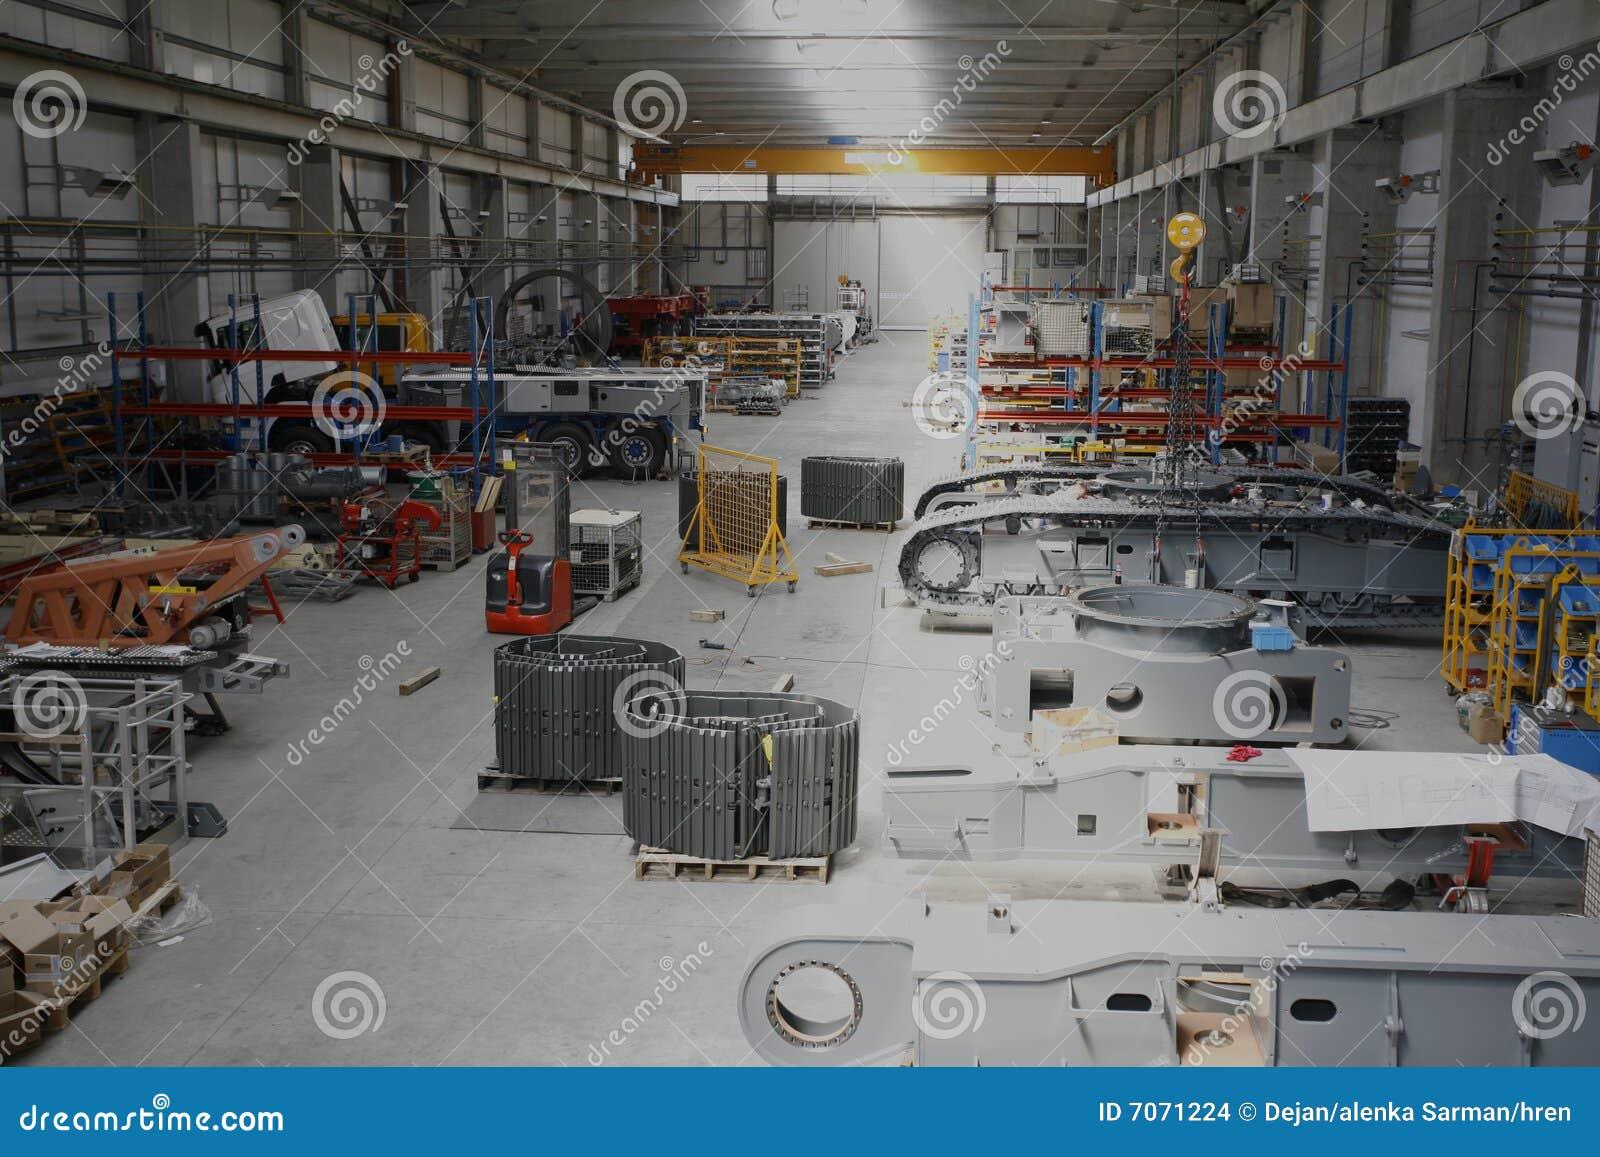 Fußboden Werkstatt ~ Werkstatt fußboden stockfoto bild von inside herstellung